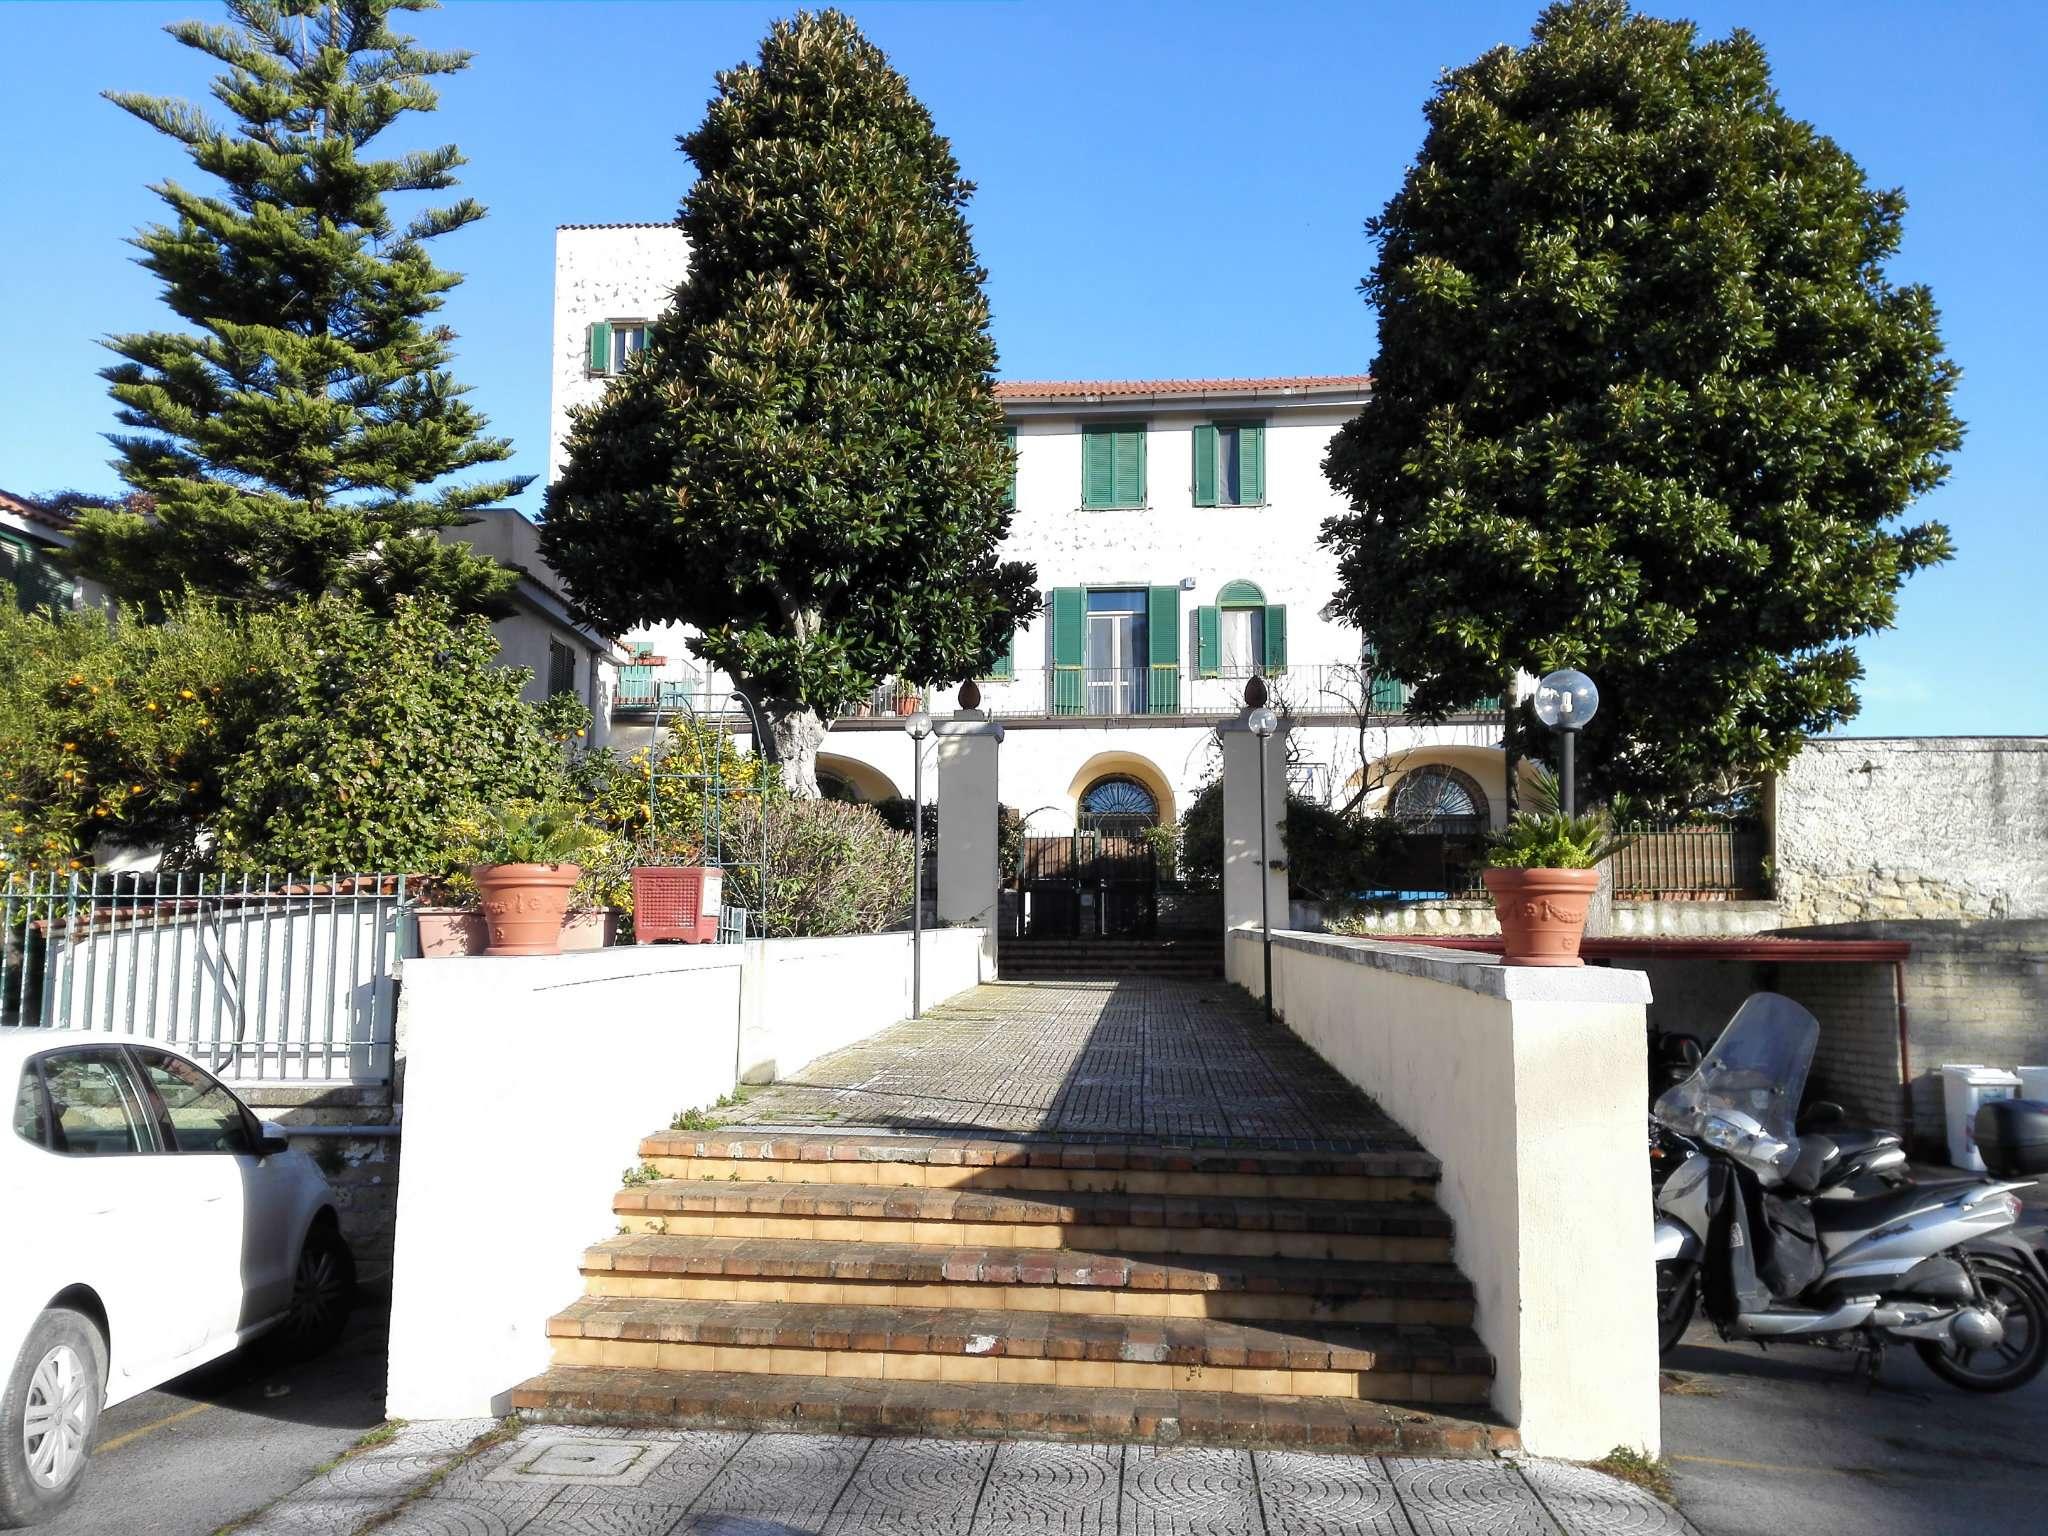 Soluzione Indipendente in affitto a Napoli, 8 locali, zona Zona: 8 . Piscinola, Chiaiano, Scampia, prezzo € 1.000 | Cambio Casa.it